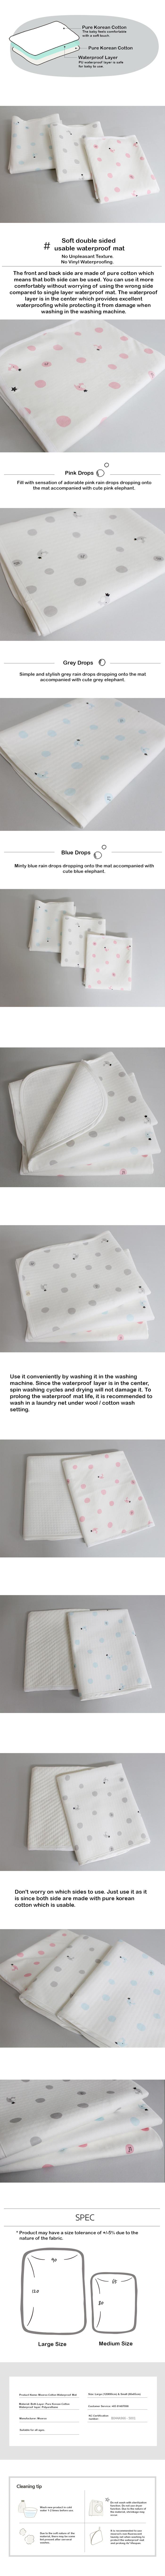 Mooroo Cotton Waterproof mat.jpg